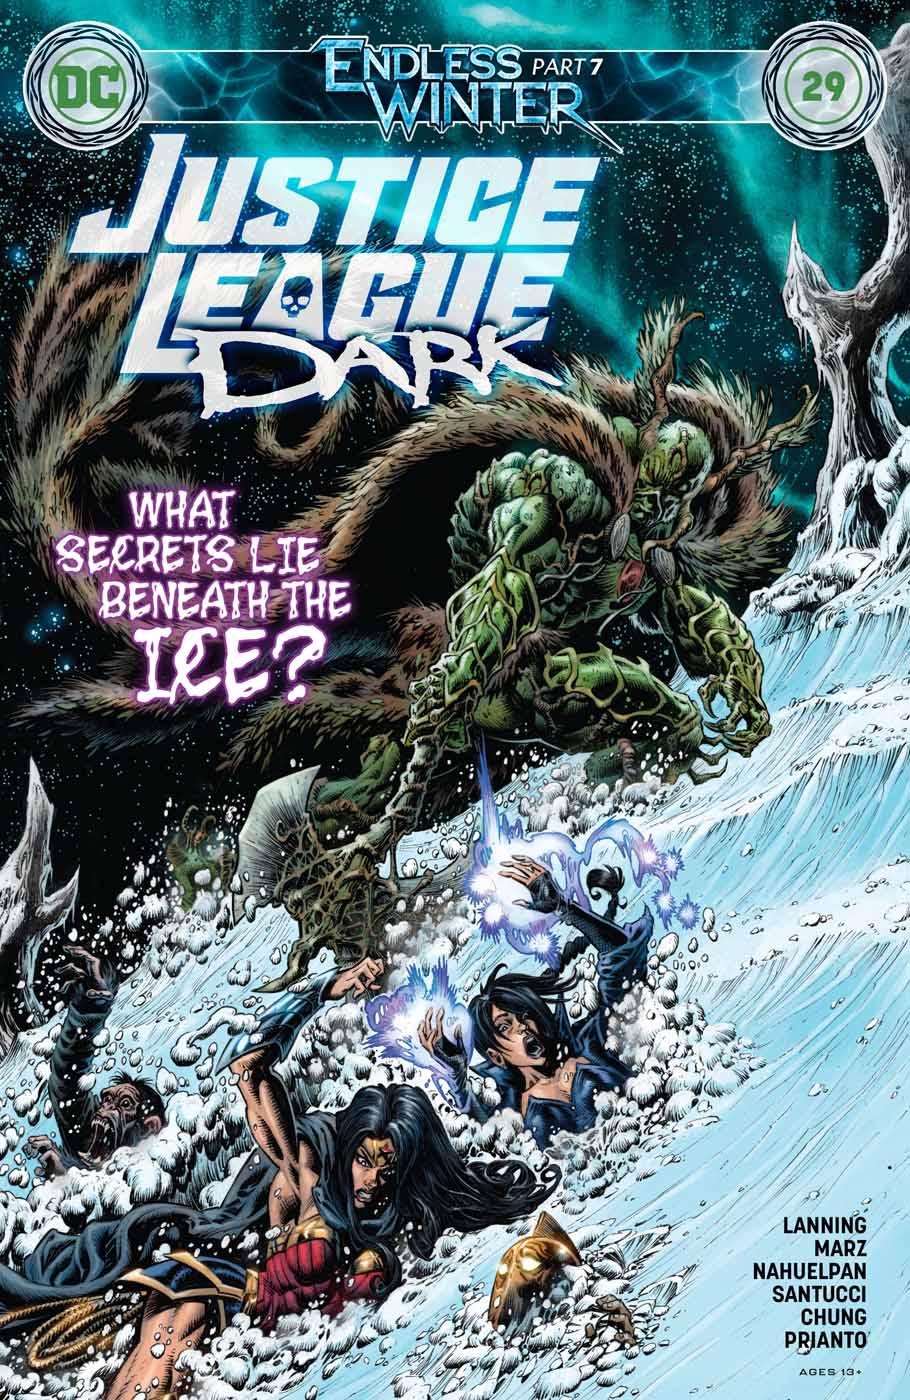 Les comics que vous lisez en ce moment - Page 8 Fbb77d4cf7ed8ee151efb2c1fd1f7c76f19b103b